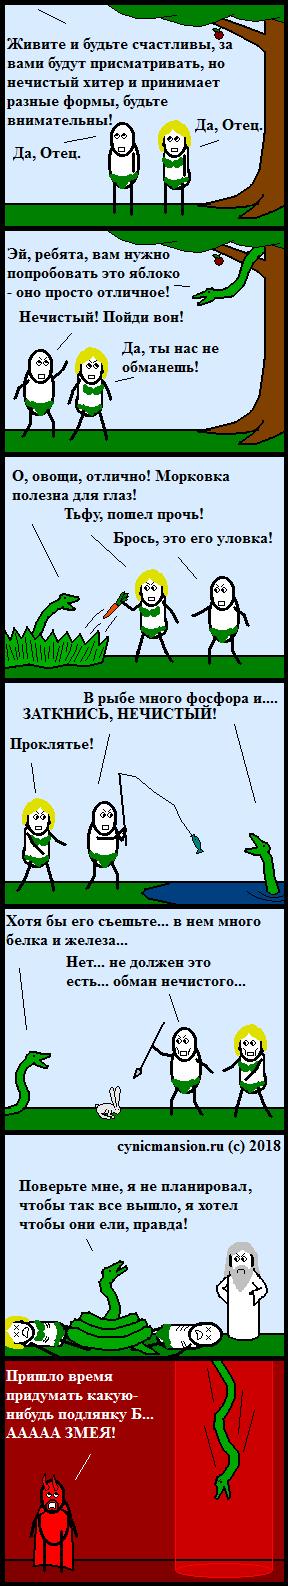 Змейское Cynicmansion, Комиксы, Эдем, Адам и Ева, Змей, Длиннопост